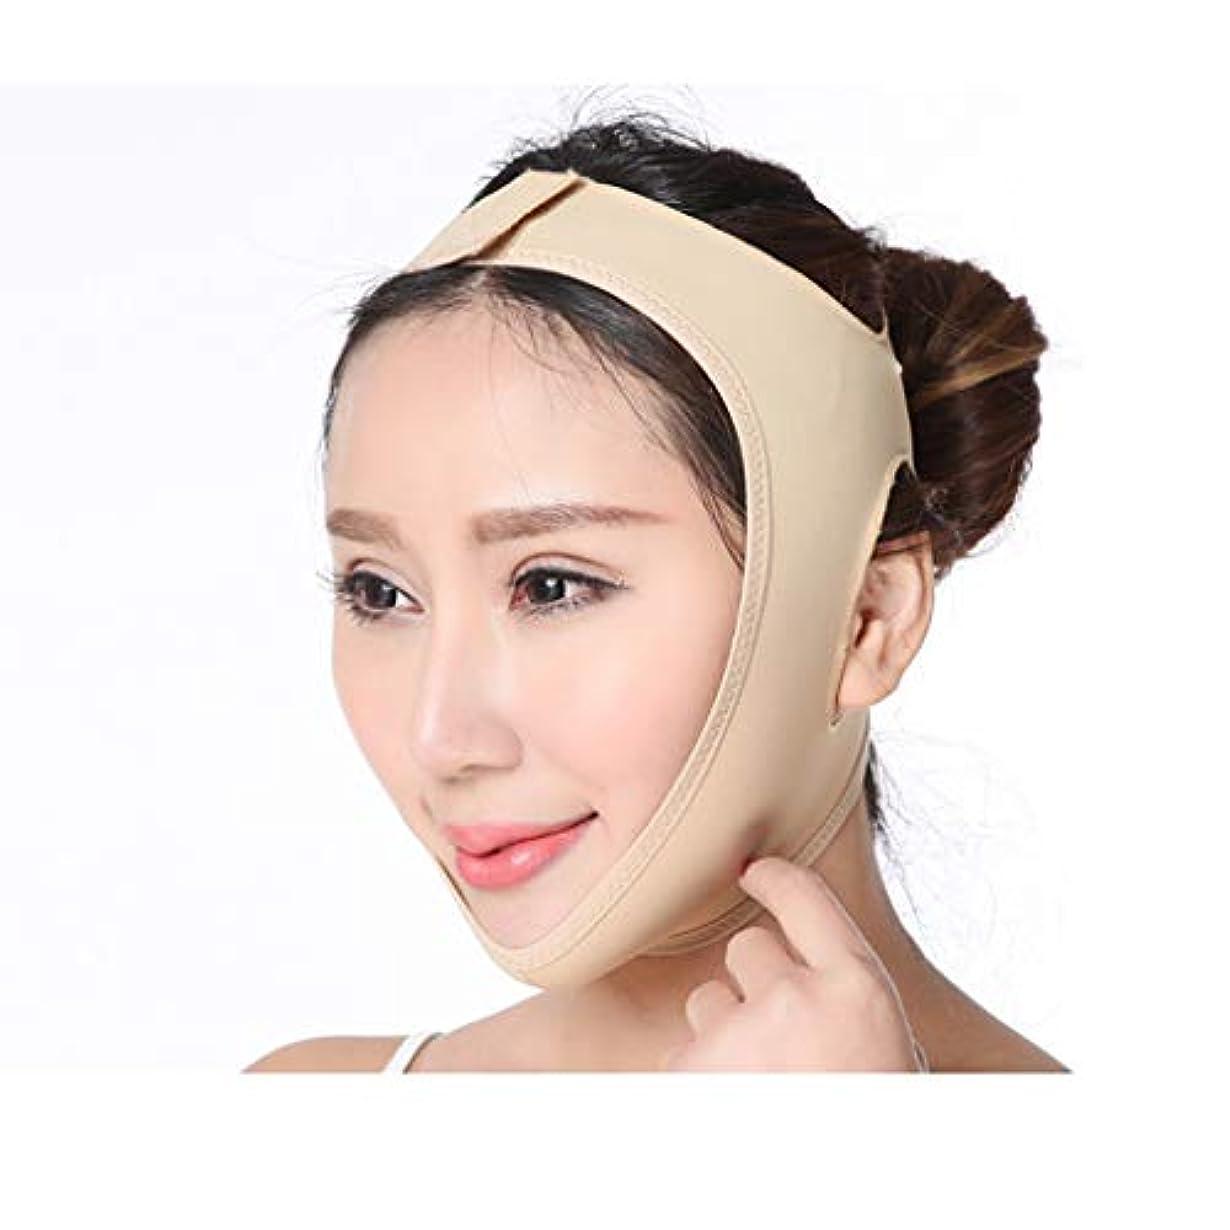 完全に生産的耐えられない顔リフティング包帯 V 顔楽器顔マスク顔リフティング引き締め